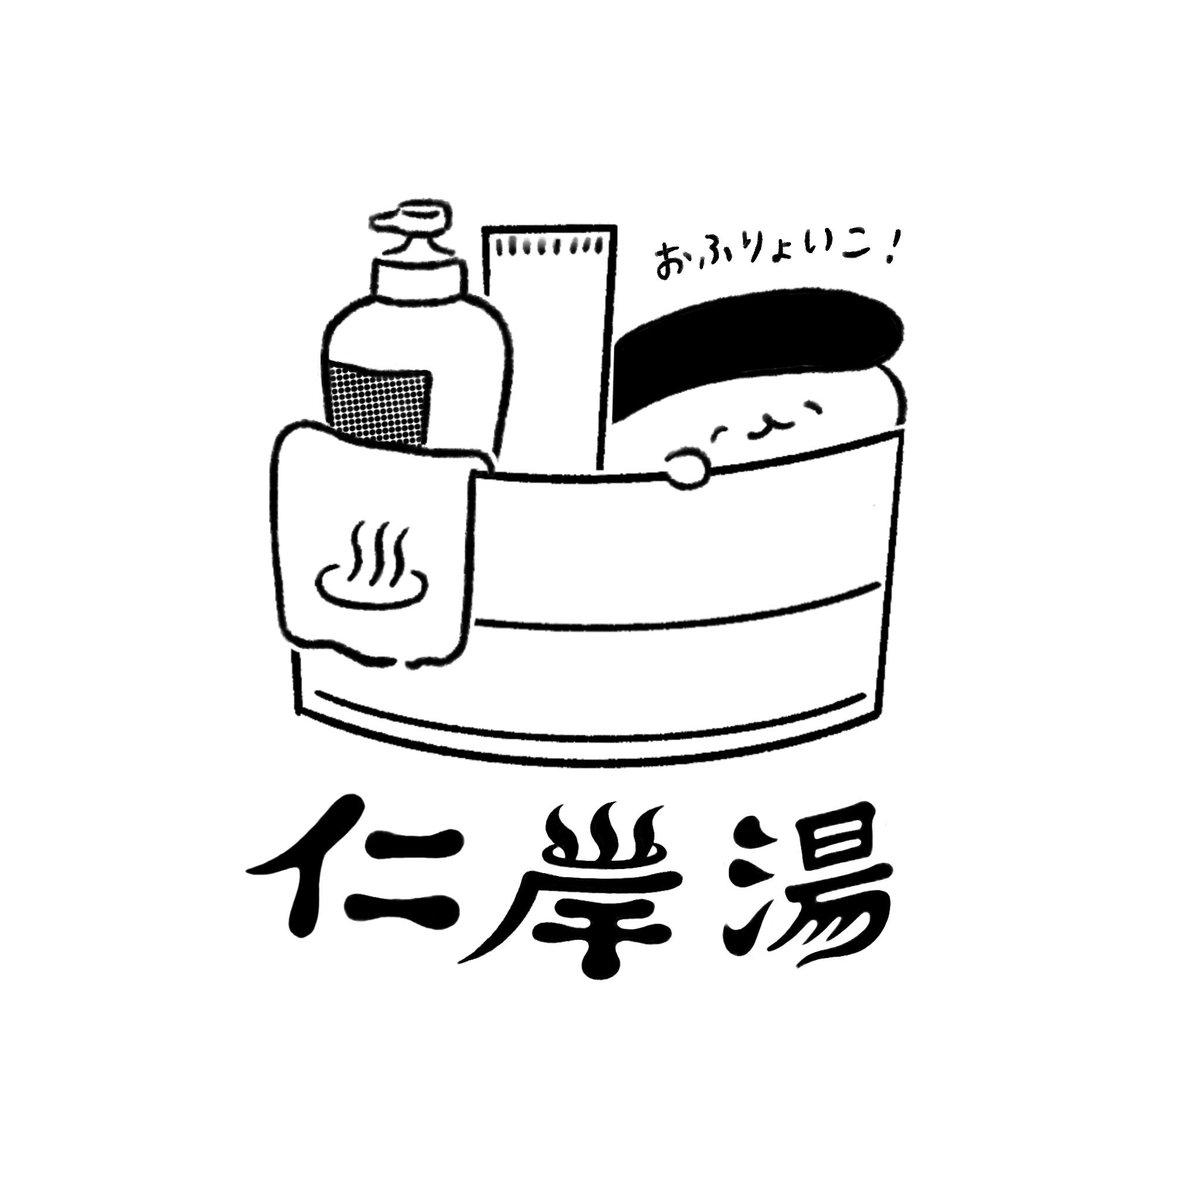 江戸川区の銭湯 仁岸湯さんと寿司がコラボしました!グッズ展開があるようなので、続報が来次第わたしからも告知させていただきます!楽しみ〜♨️